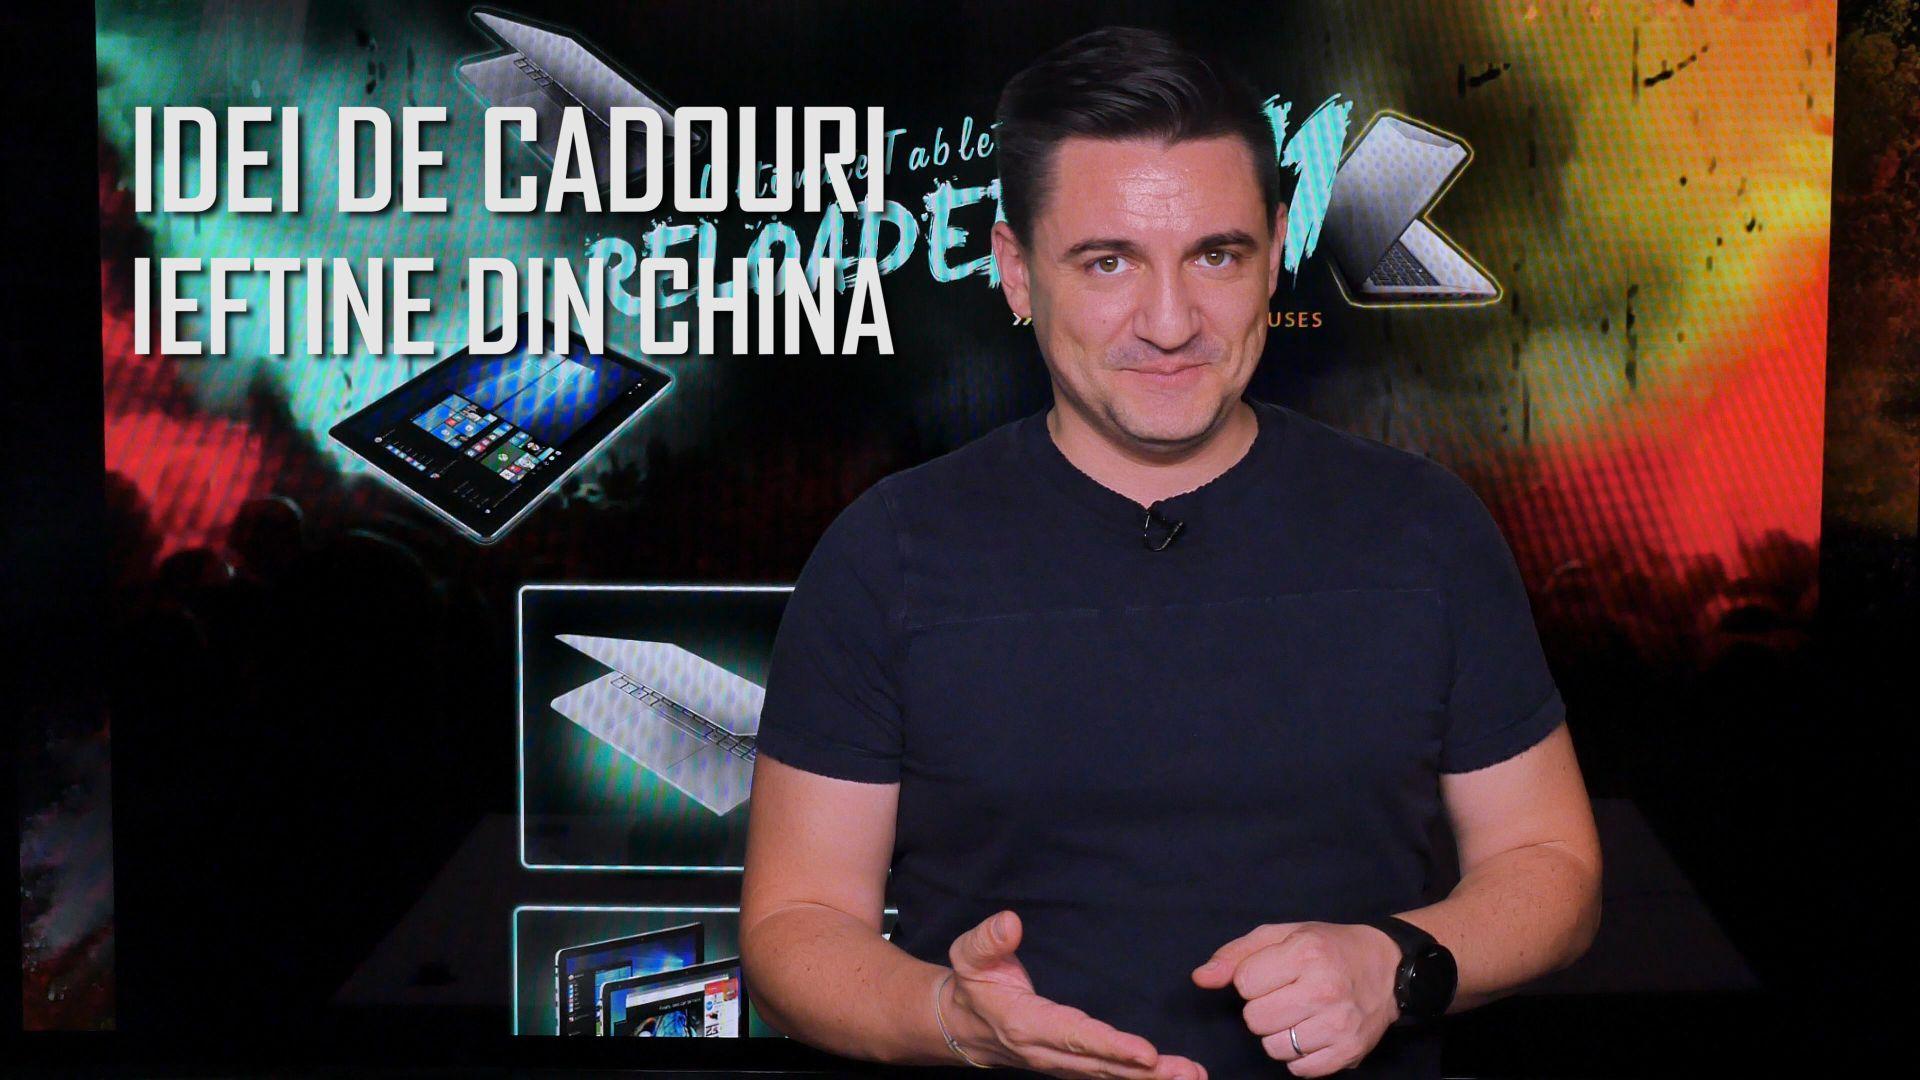 idei_de_cadouri_din_china_buhnici